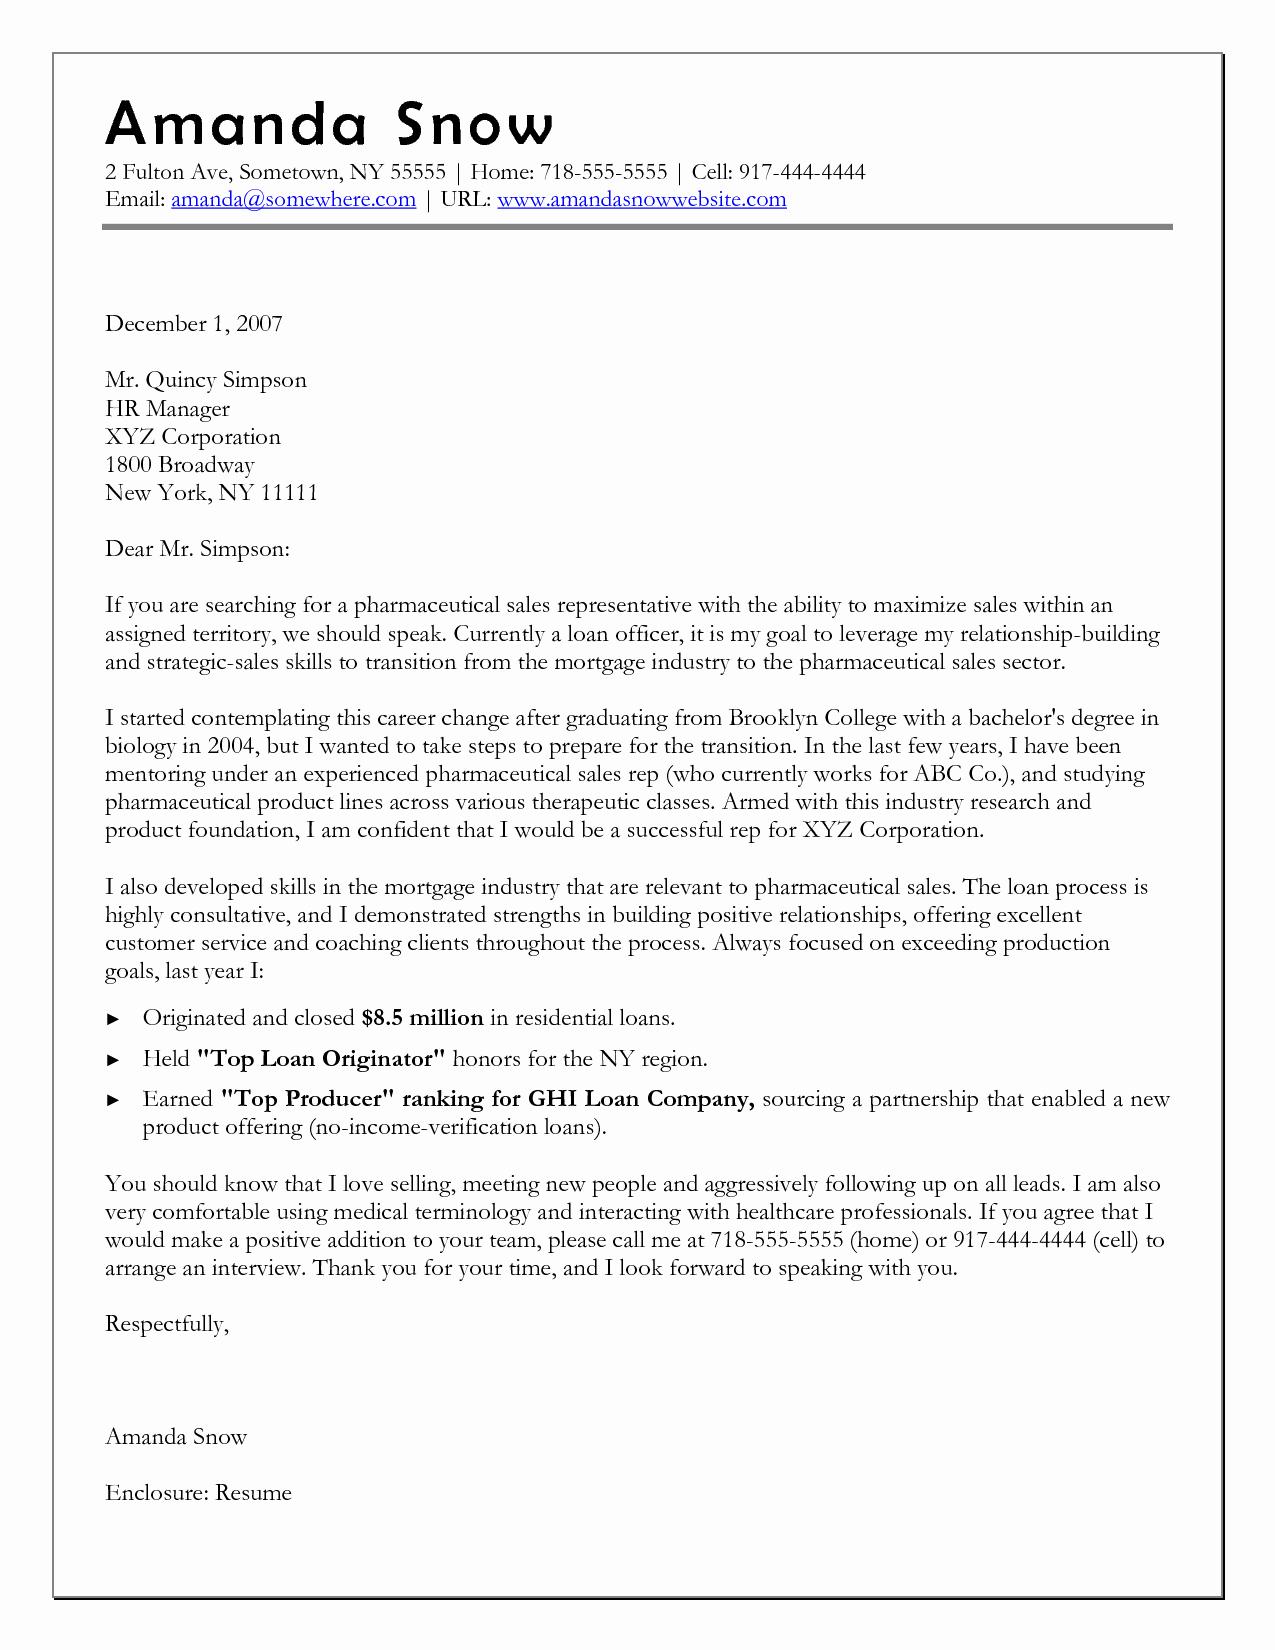 Career Change Cover Letter Sample New Career Change Cover Letter